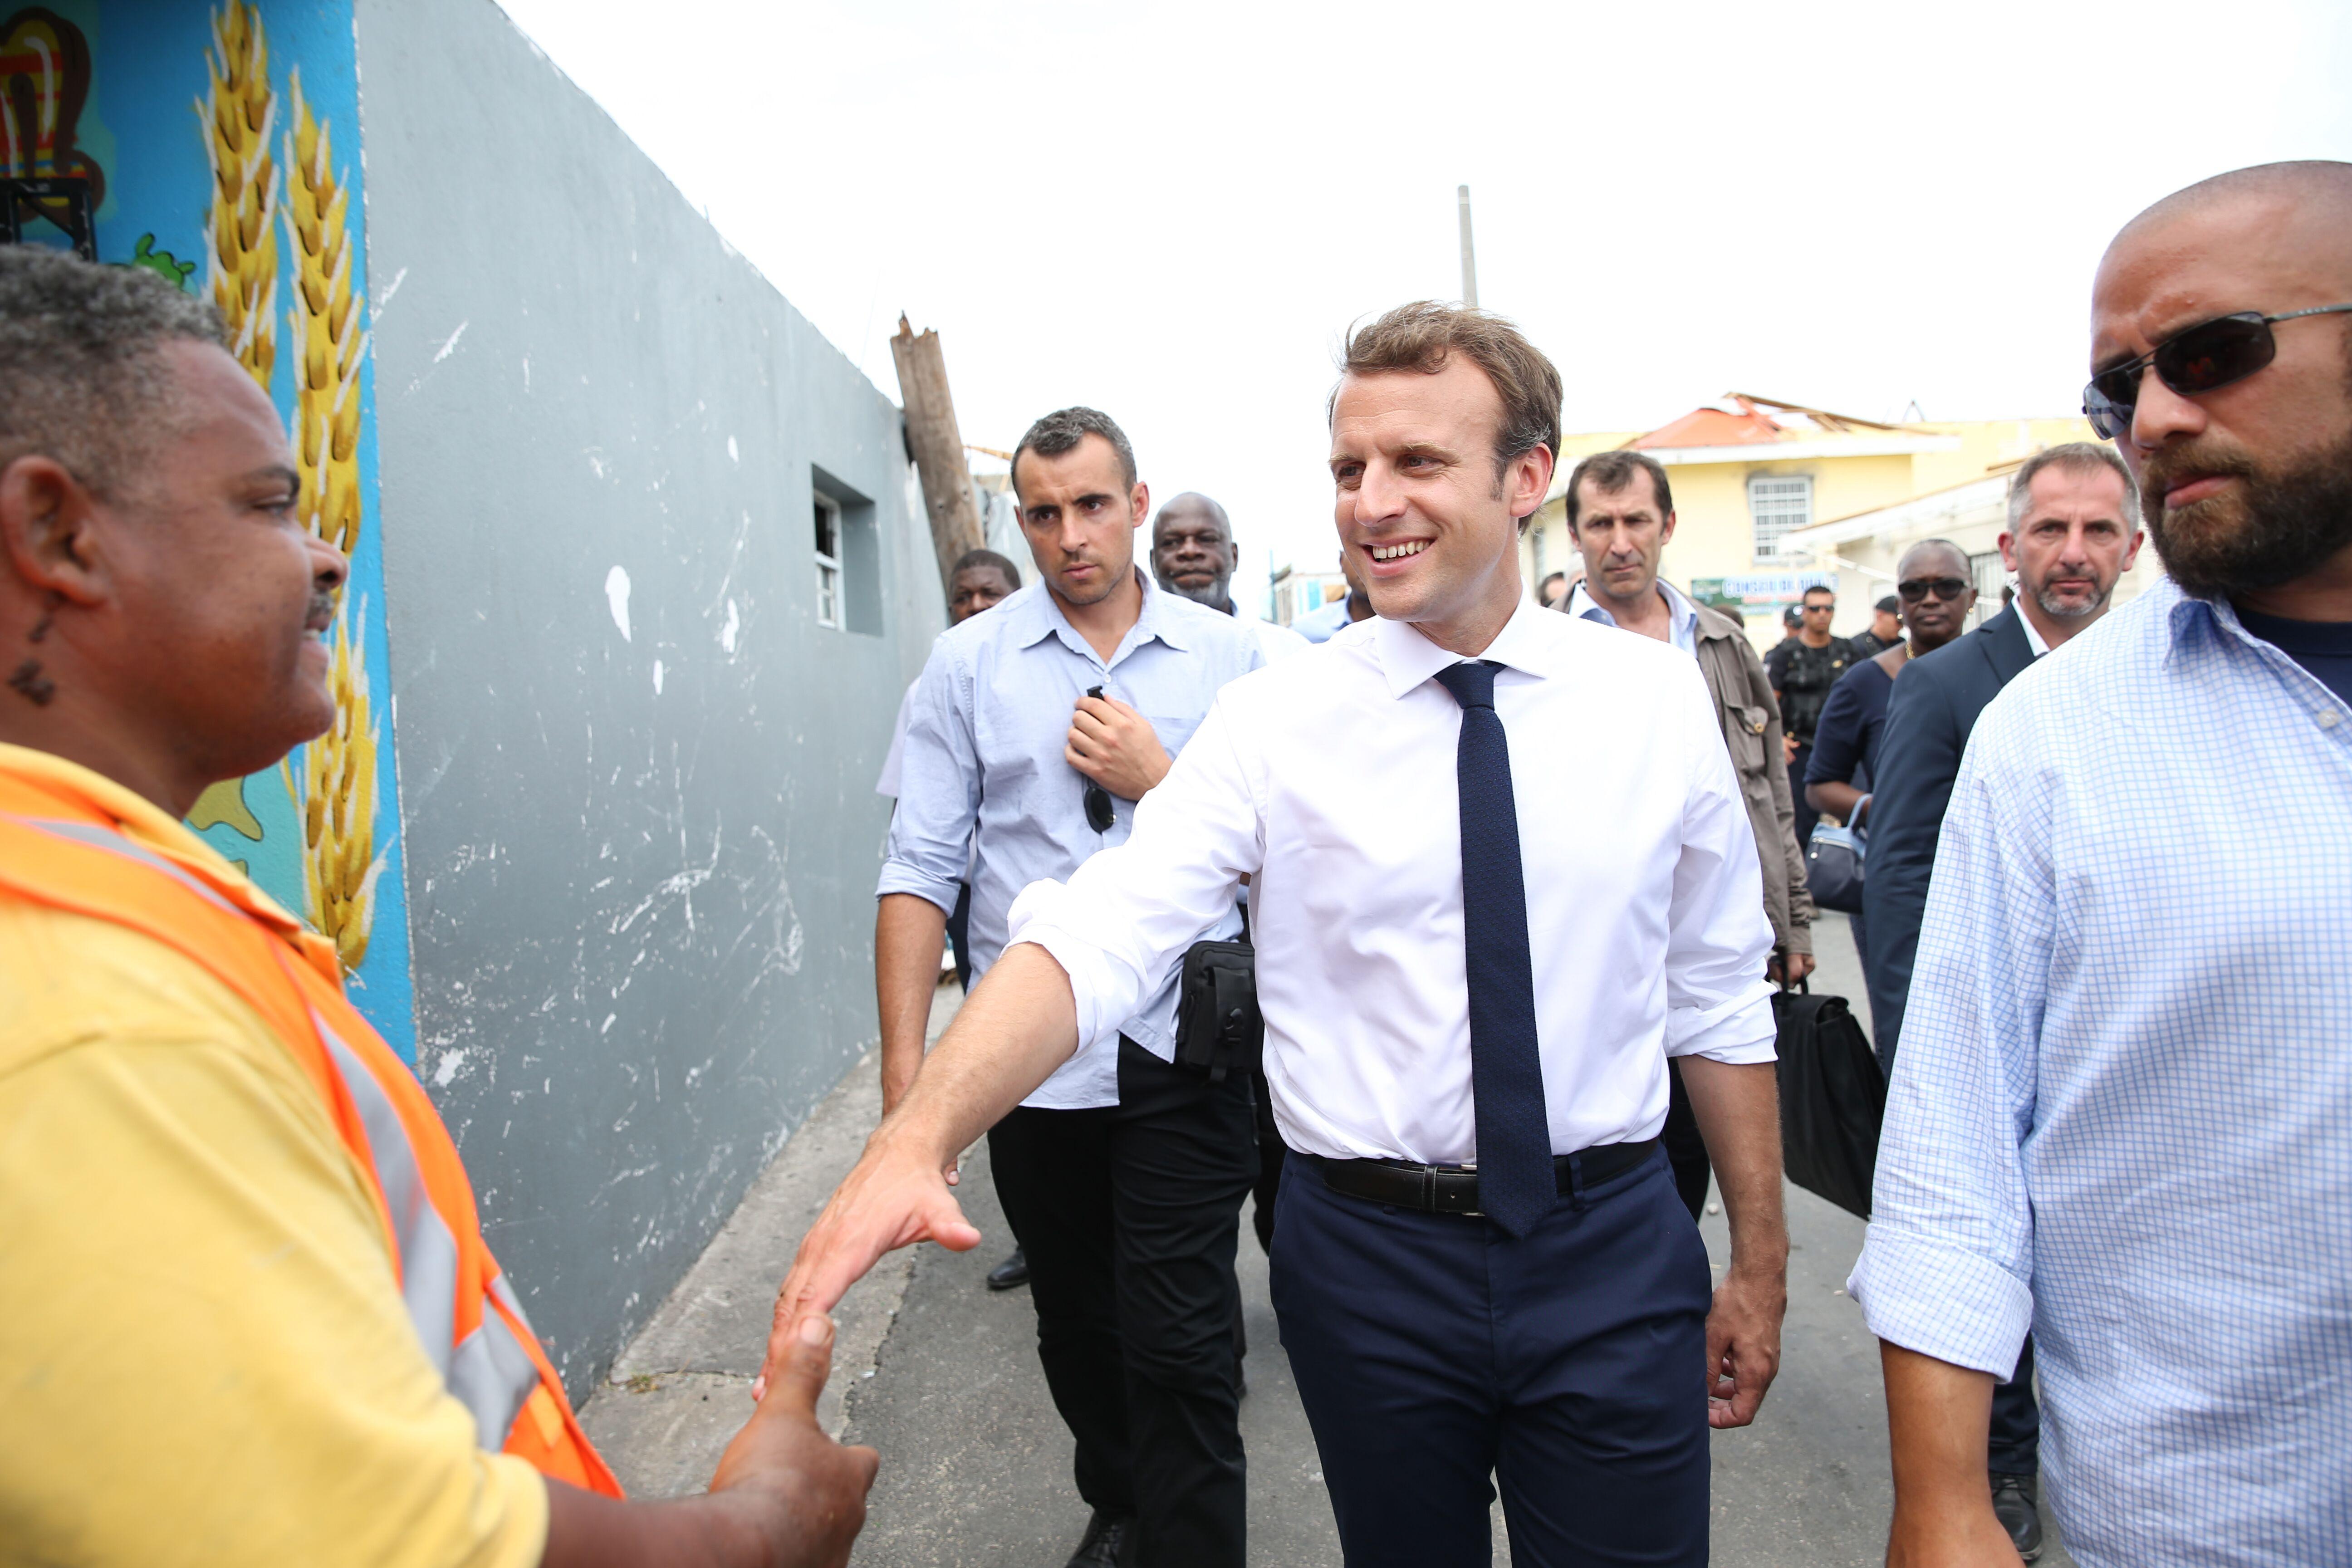 Emmanuel Macron tiens la main de gilets jaune. | Photo: Gettyimage